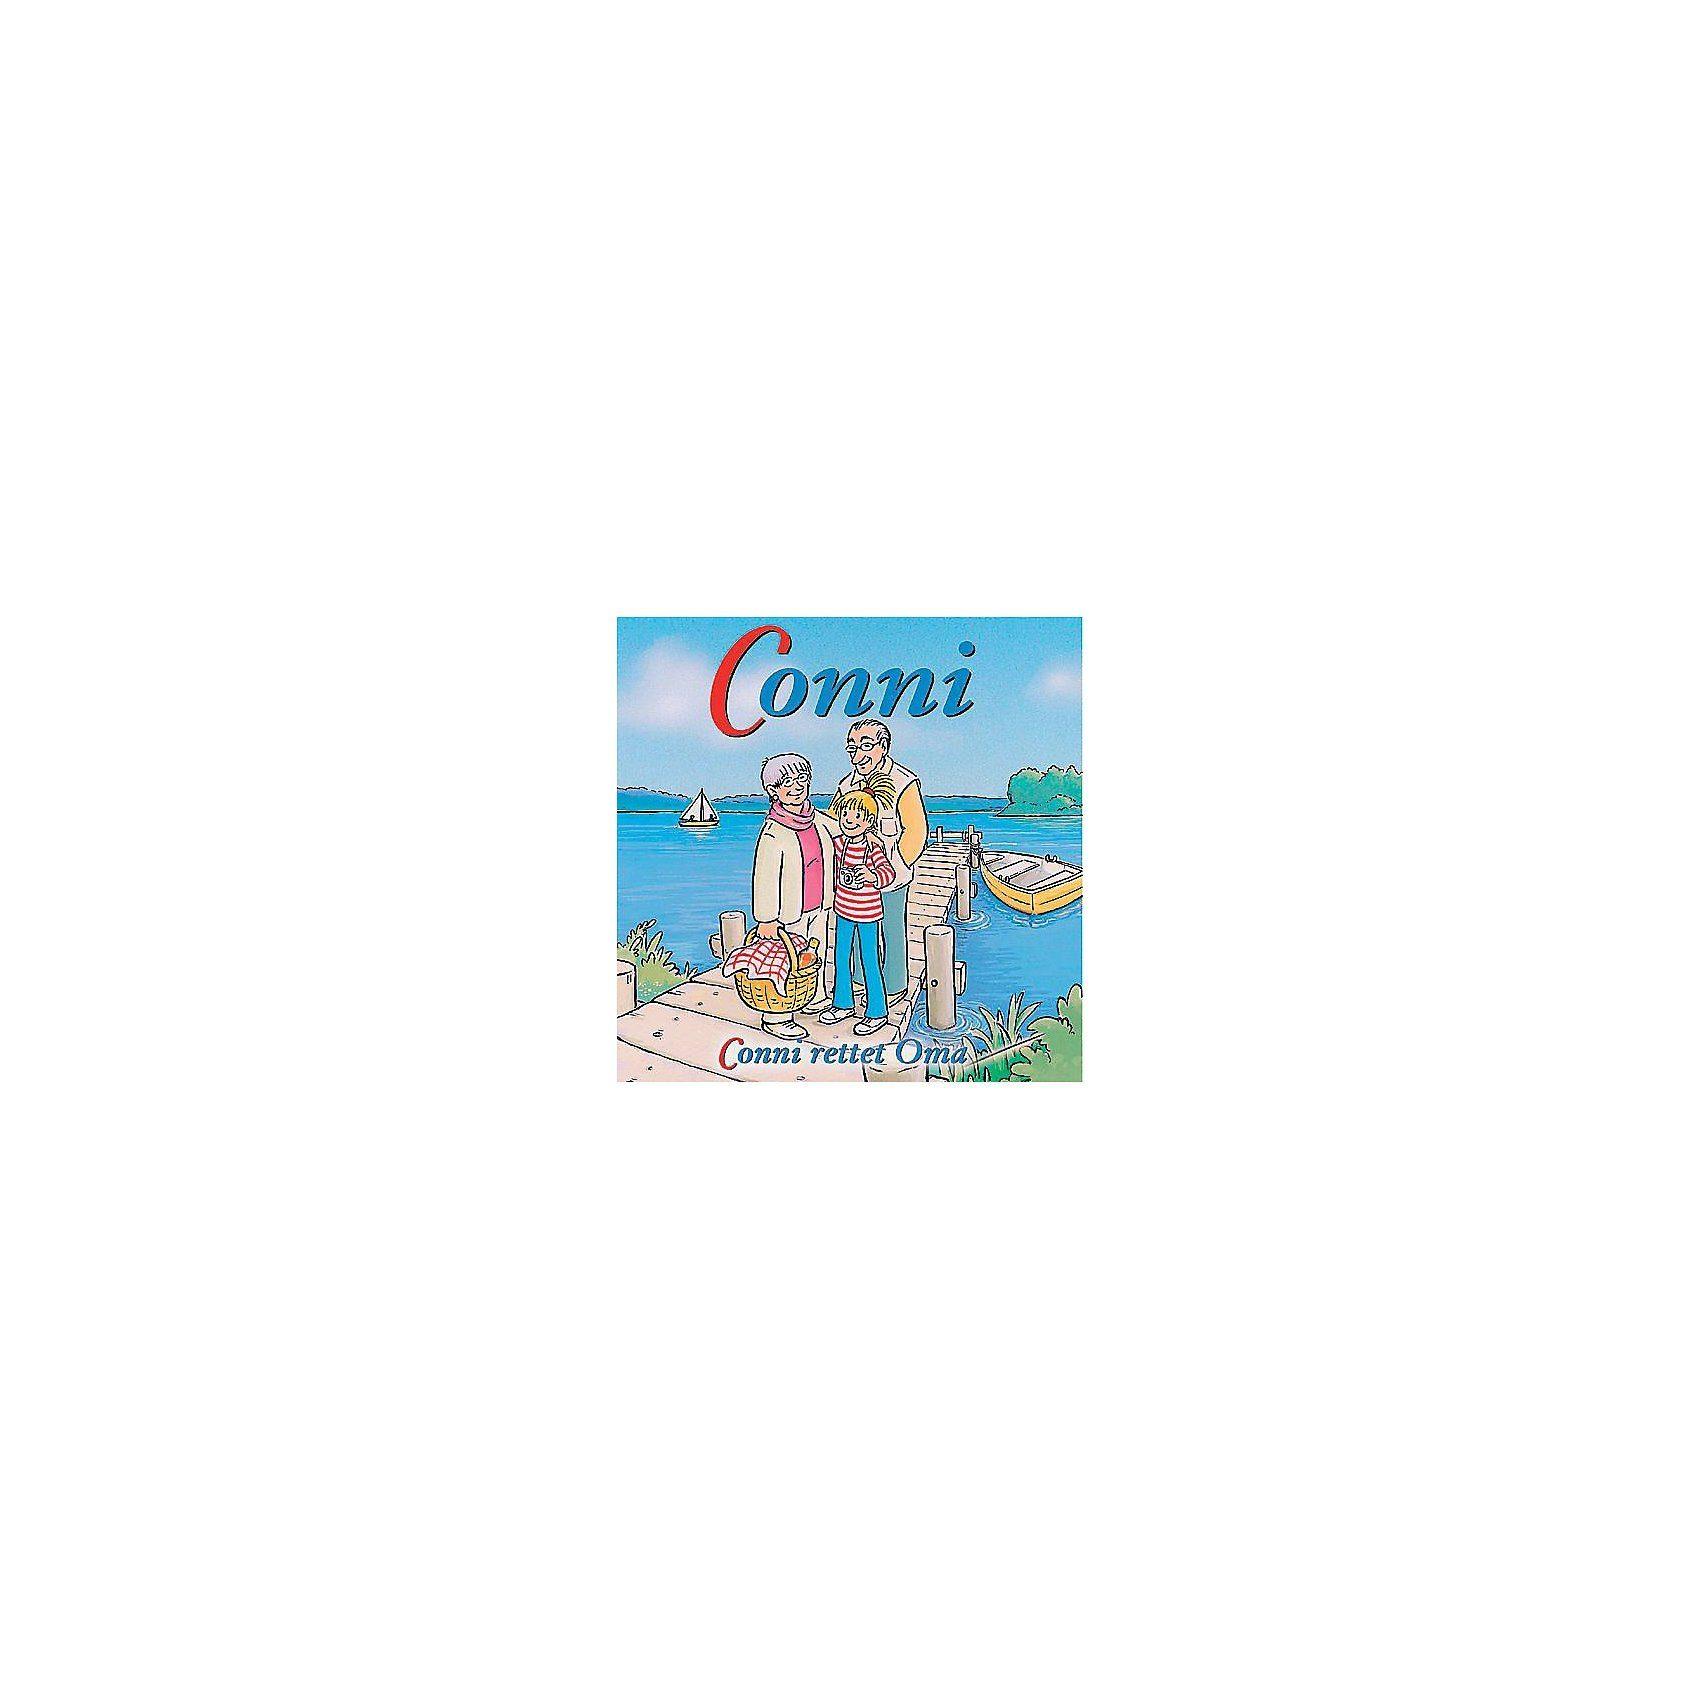 Universal CD Conni (Conni rettet Oma)